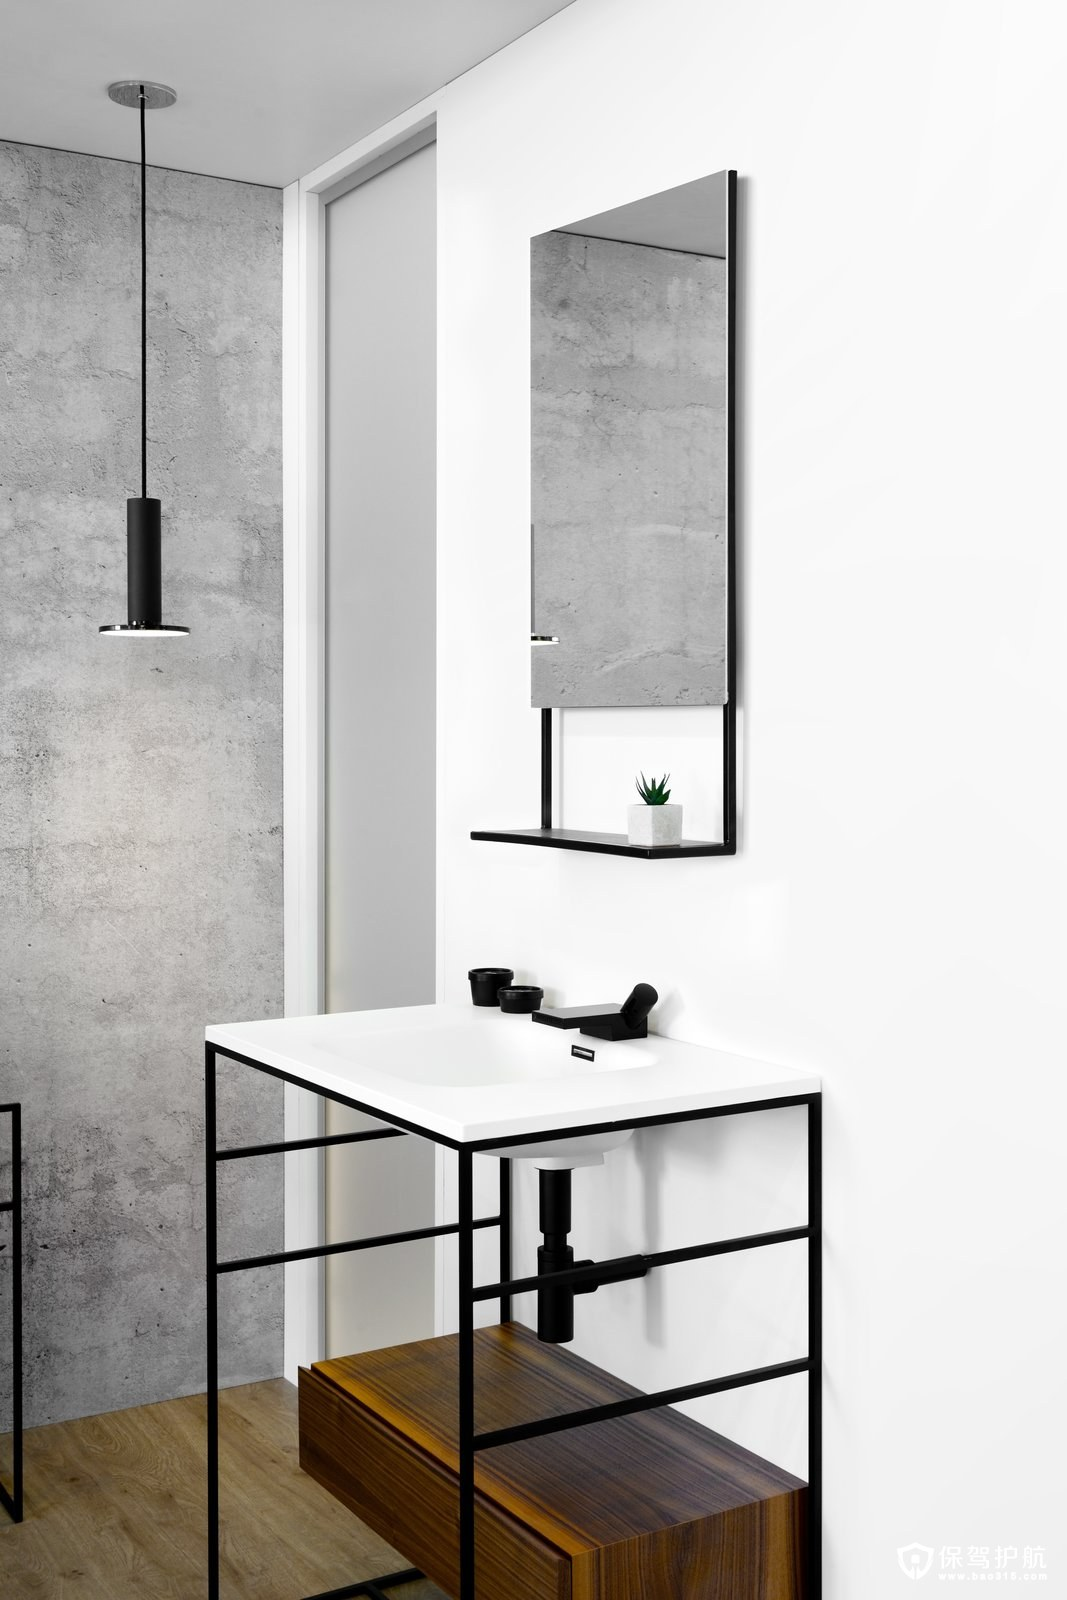 5个时尚的浴室水槽,即使是最小的空间也能容纳